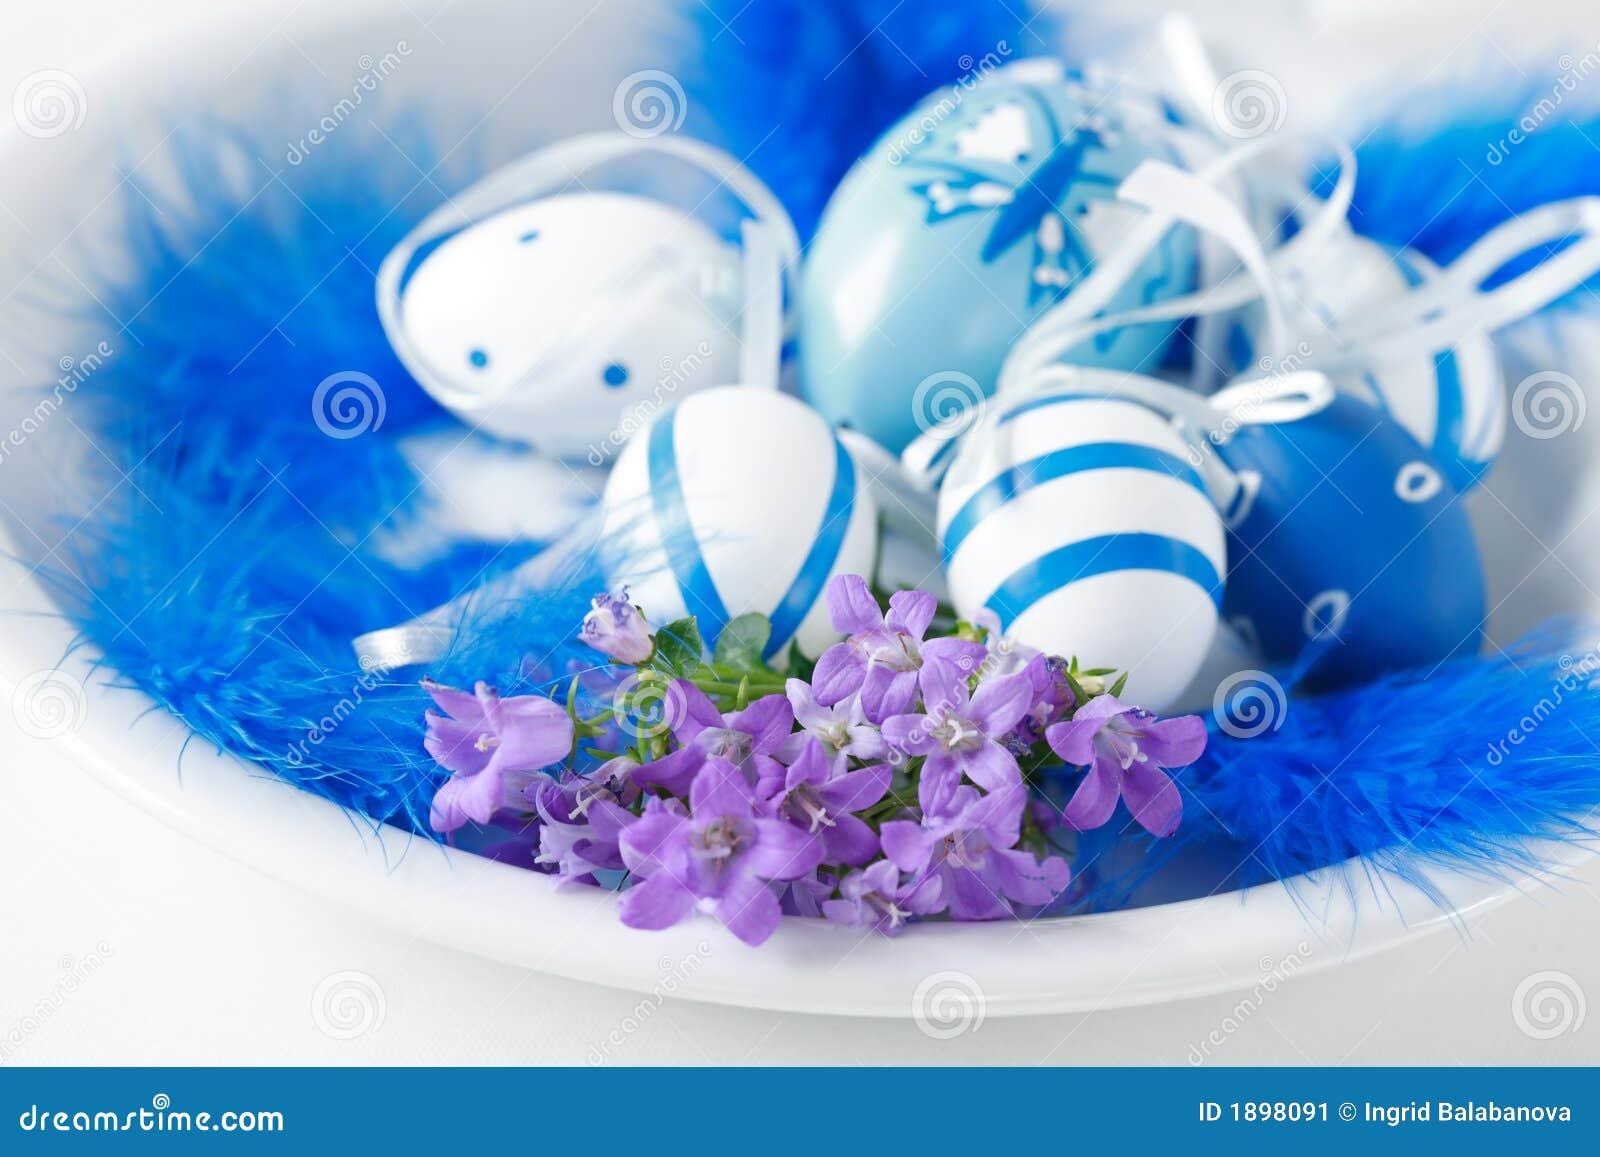 Szczegóły Wielkanoc